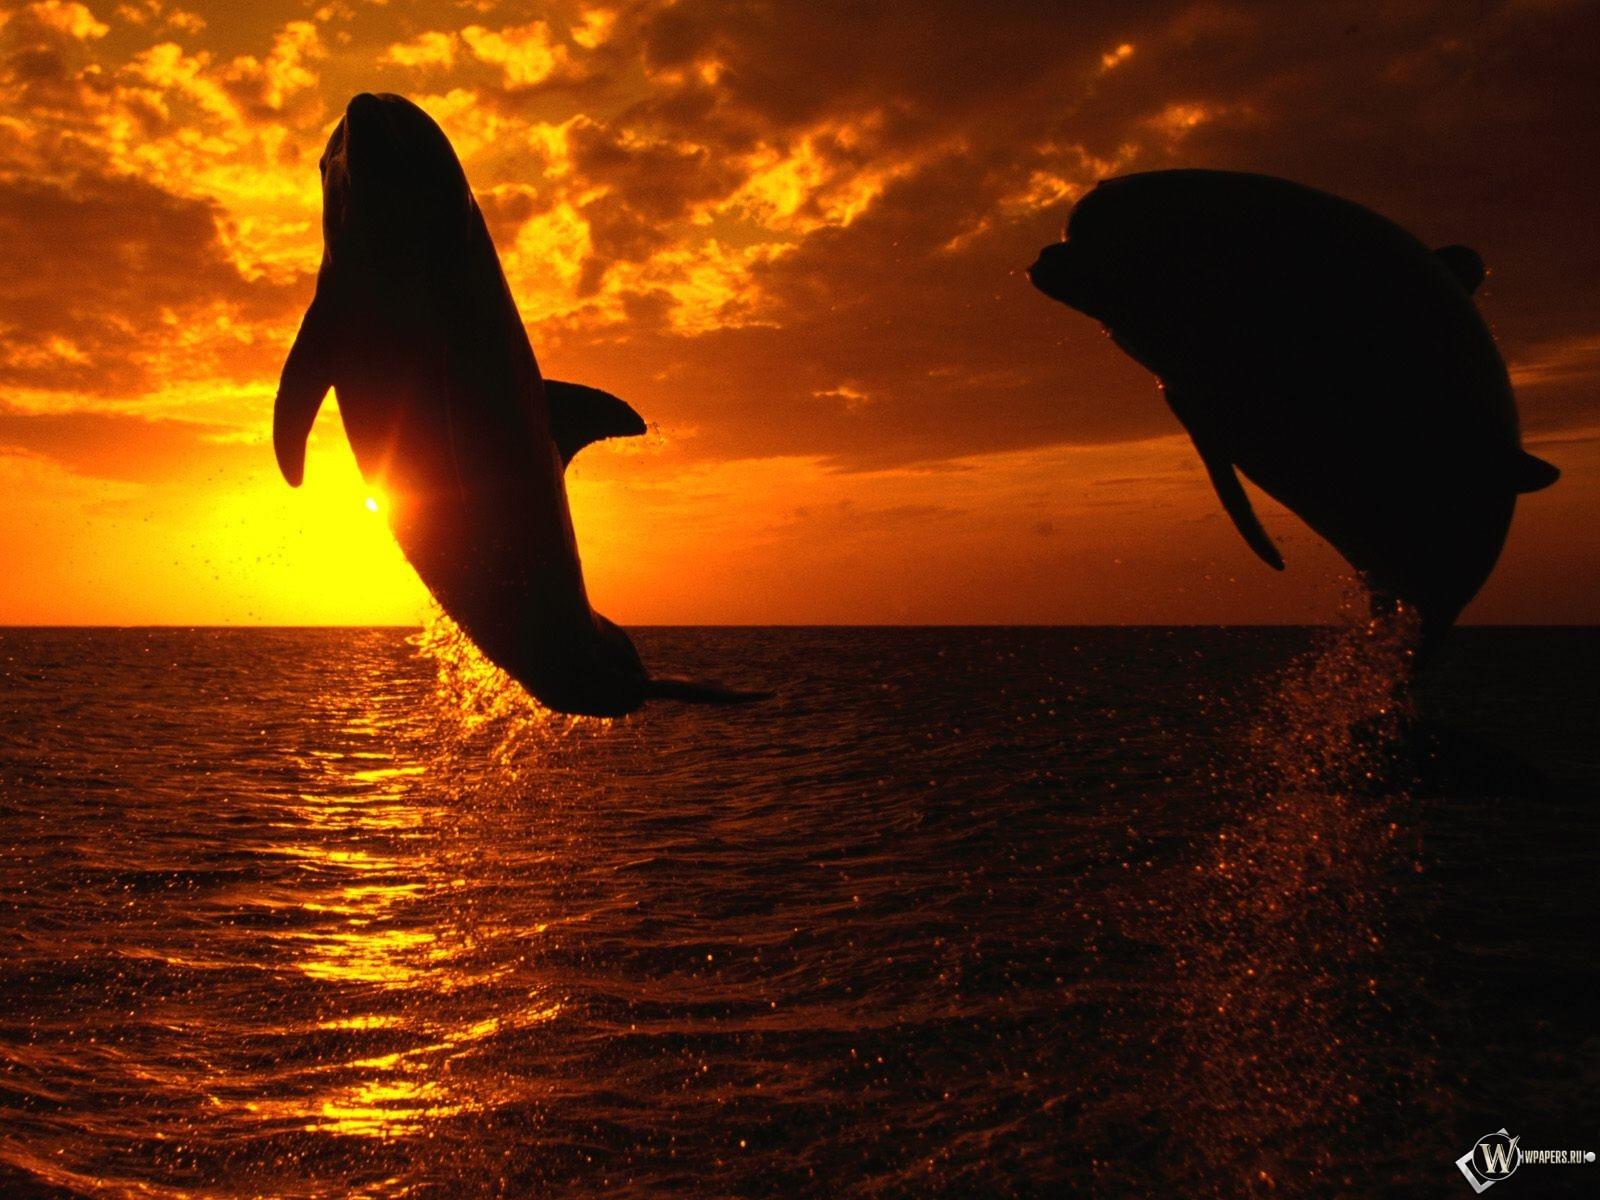 Дельфины на закате 1600x1200